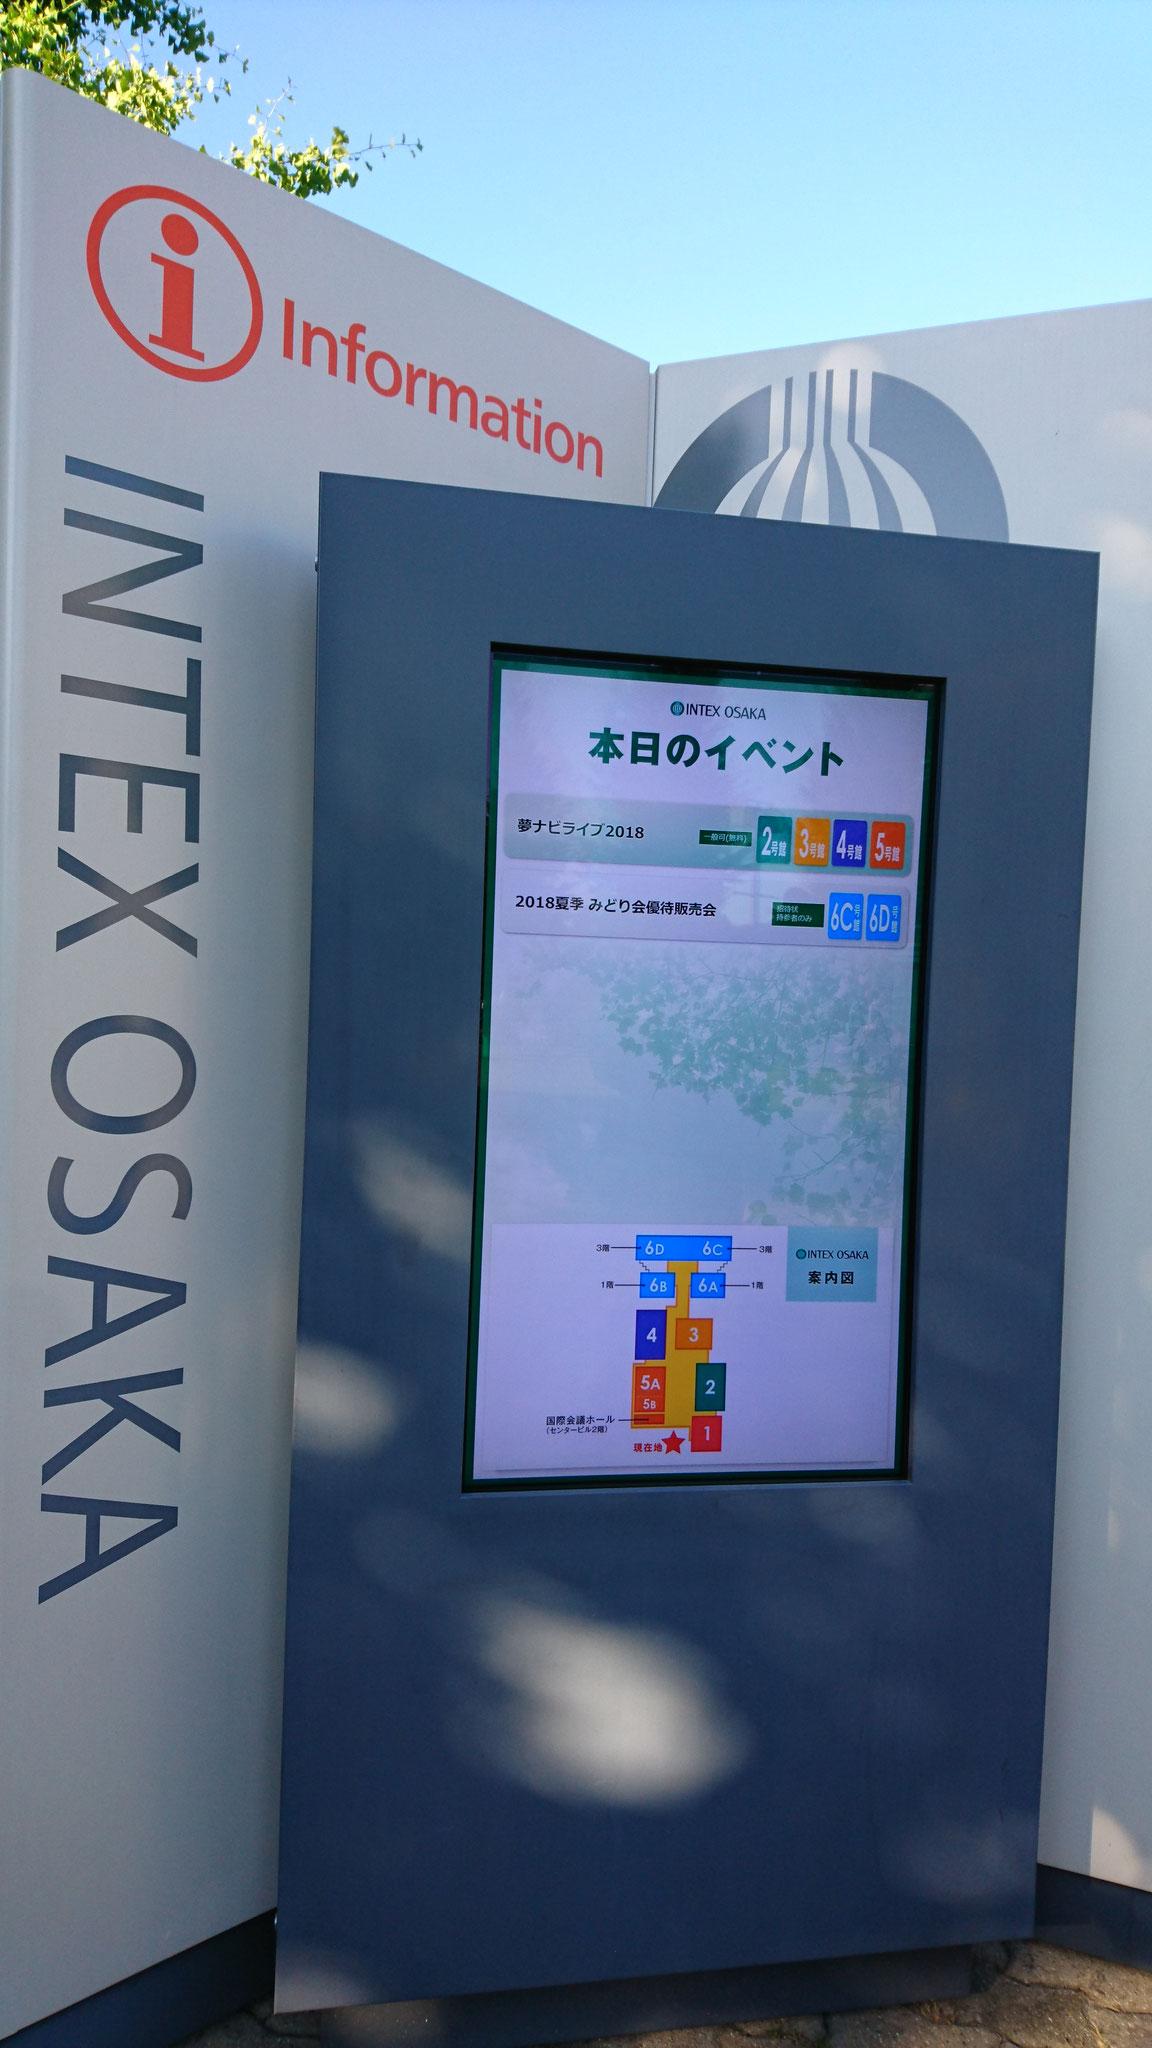 インテックス大阪 インフォメーション